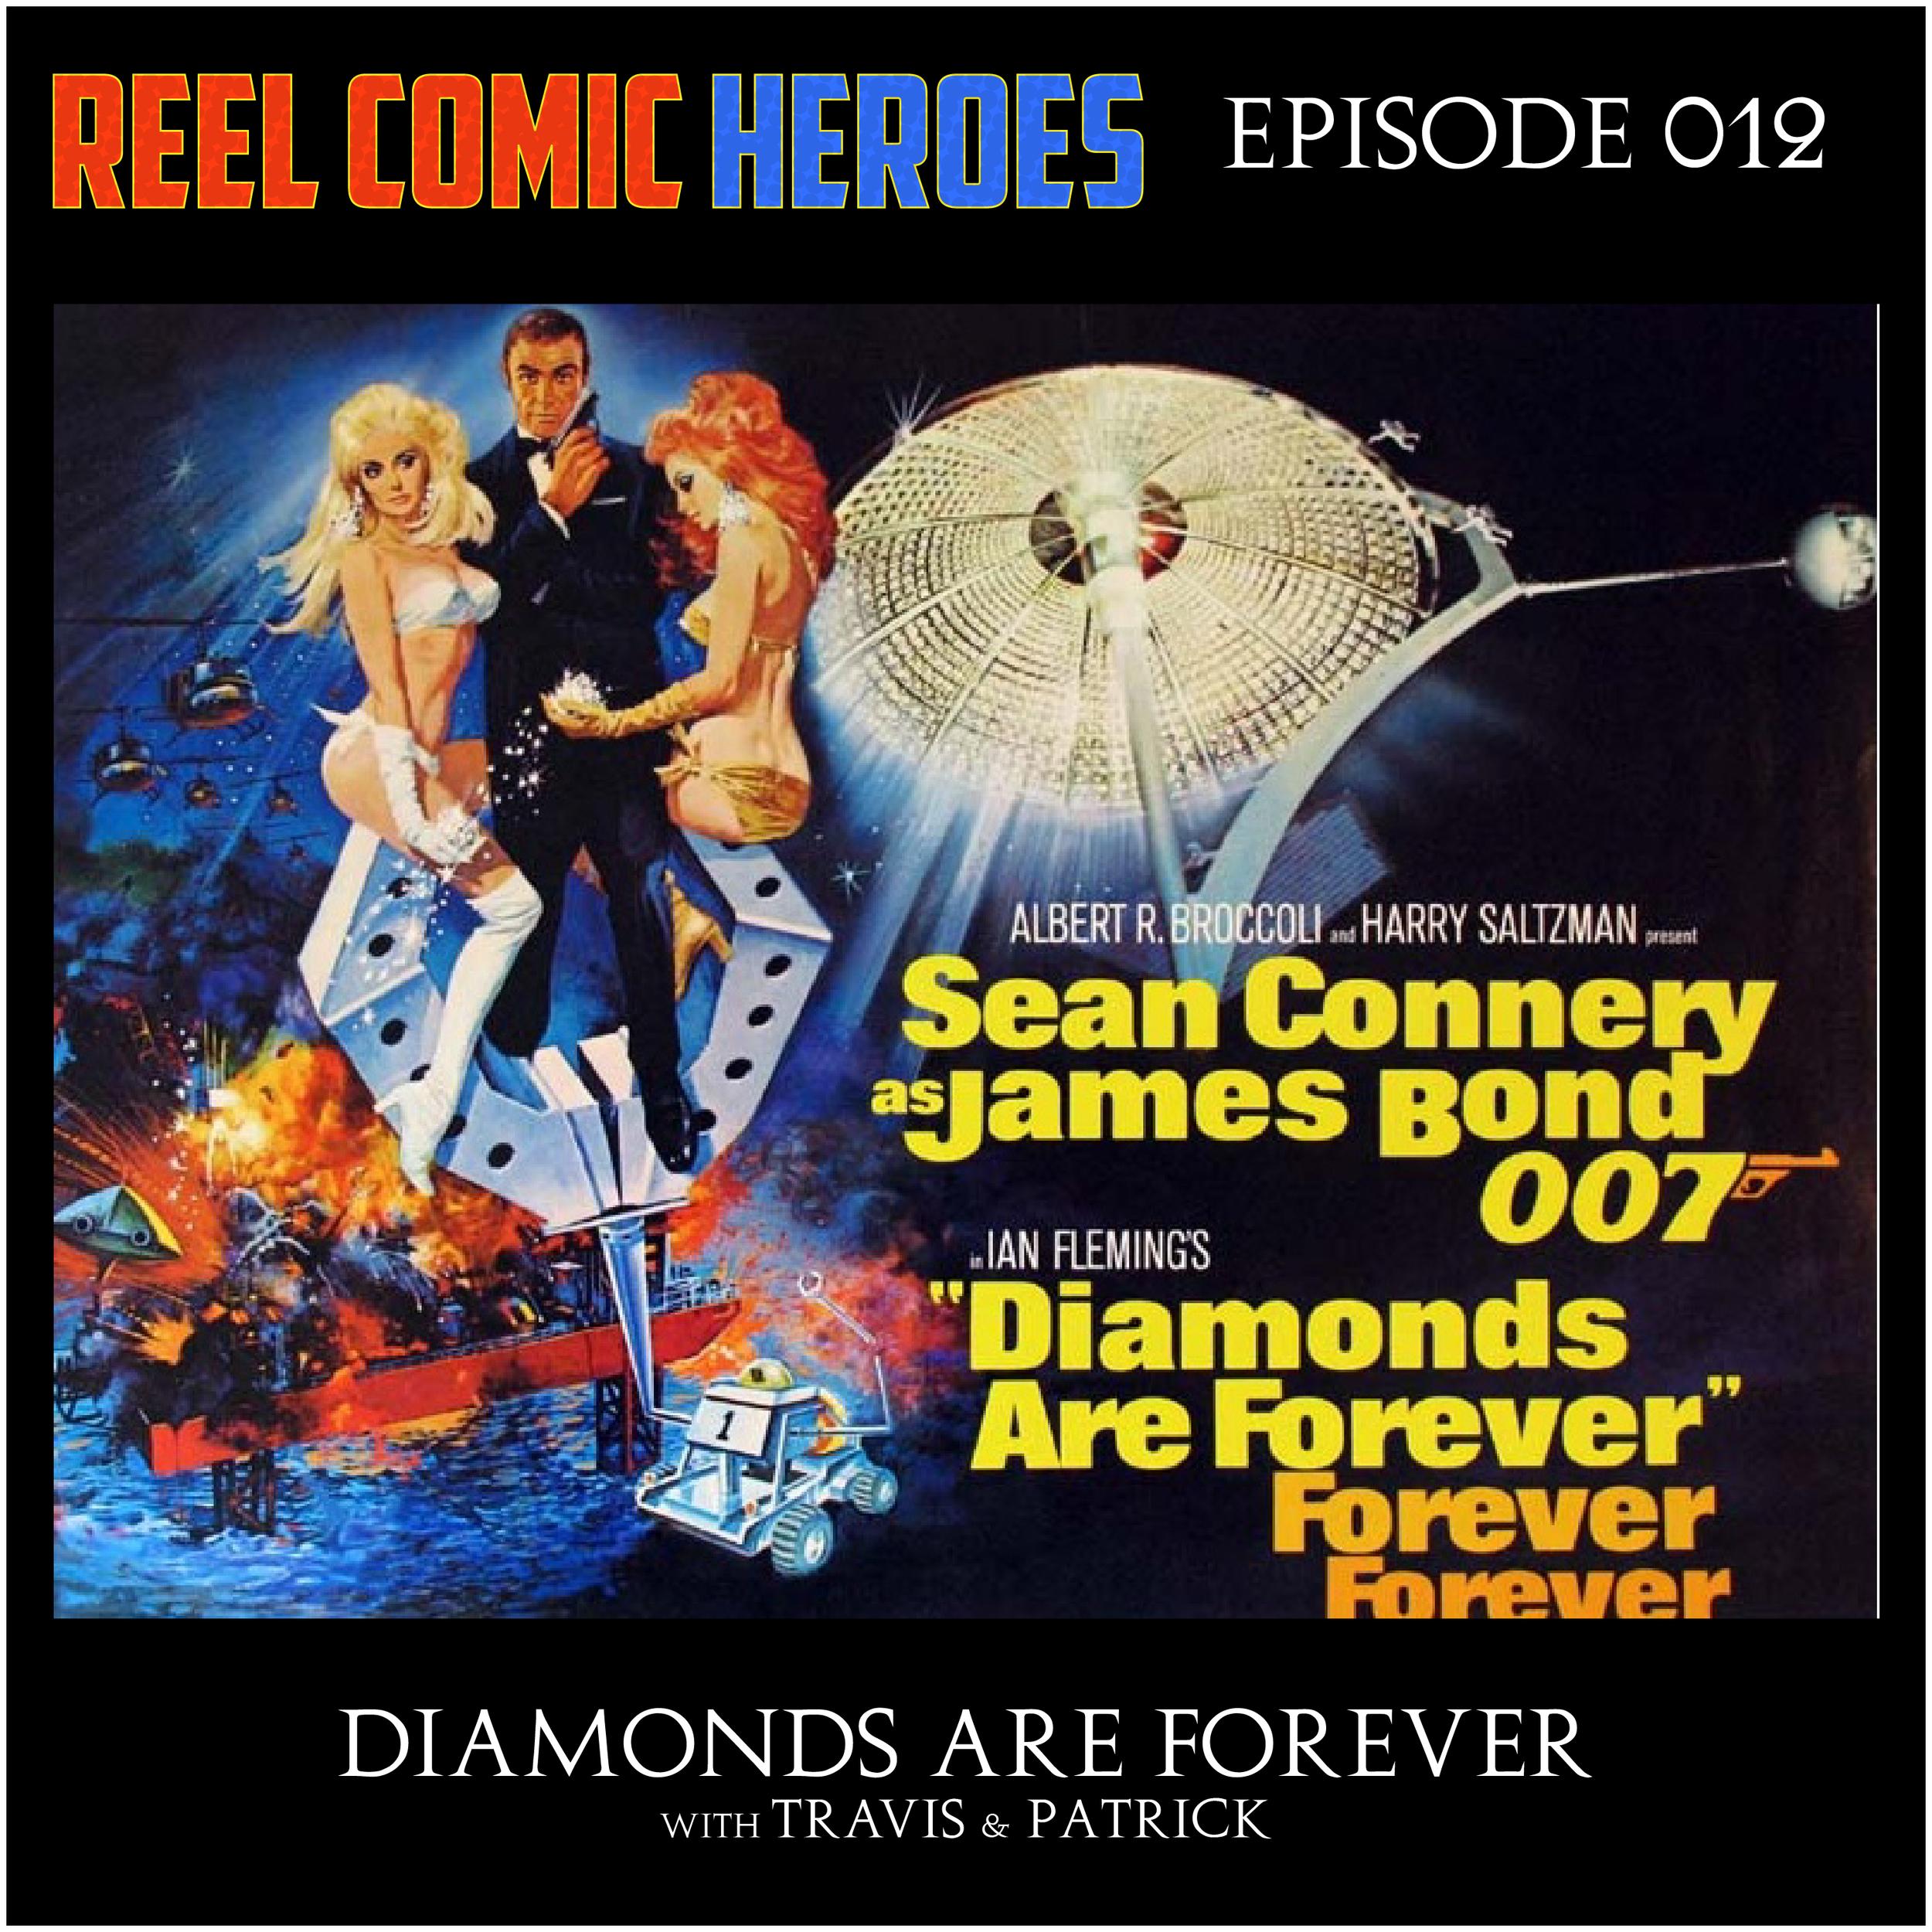 episode012_DiamondsAreForever.jpg